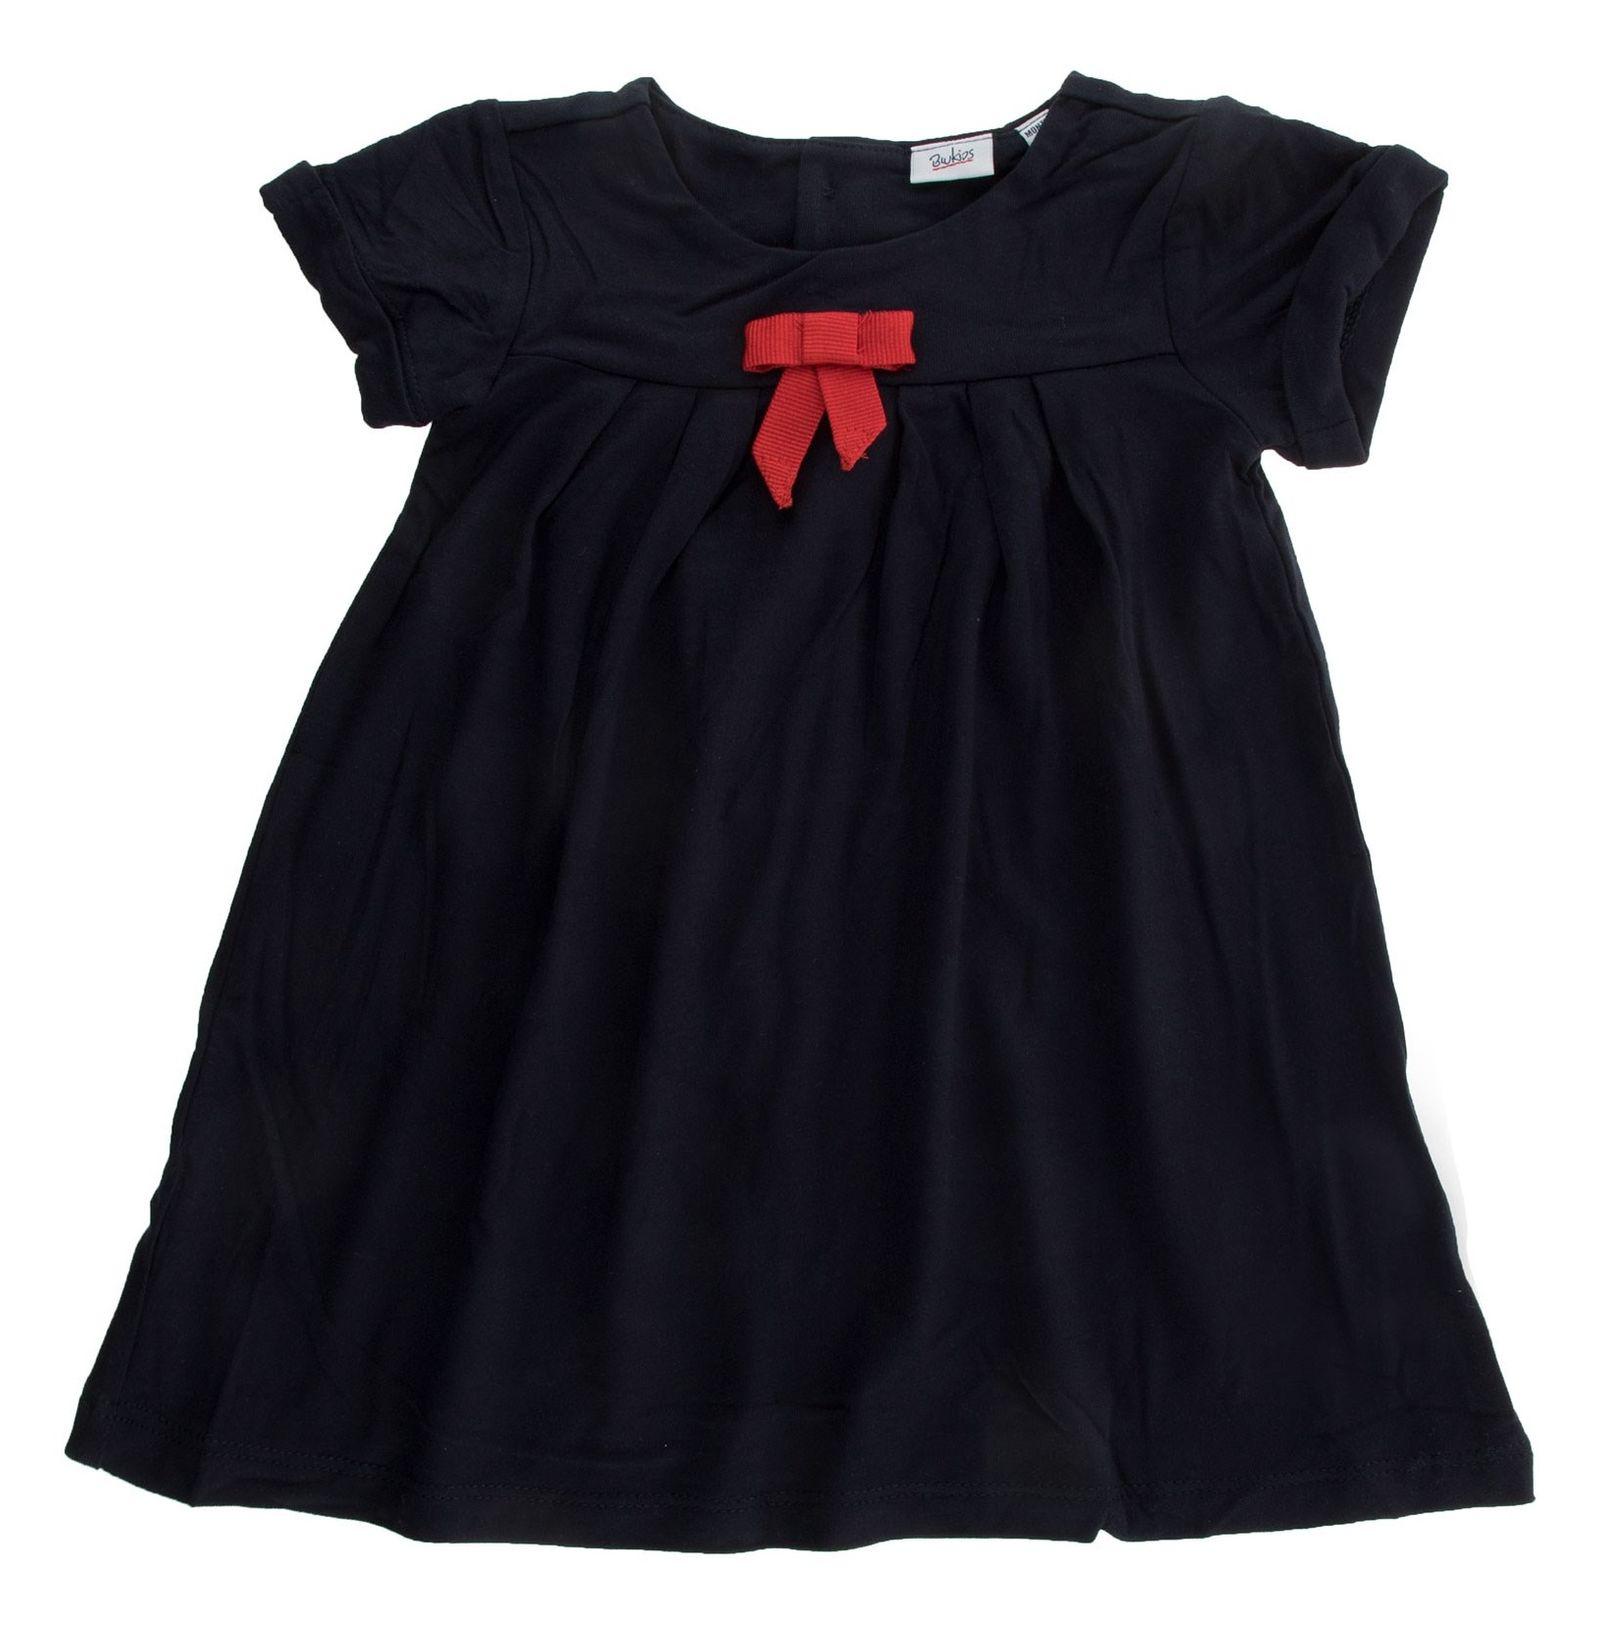 پیراهن ویسکوز نوزادی دخترانه - بلوکیدز - سرمه ای - 1